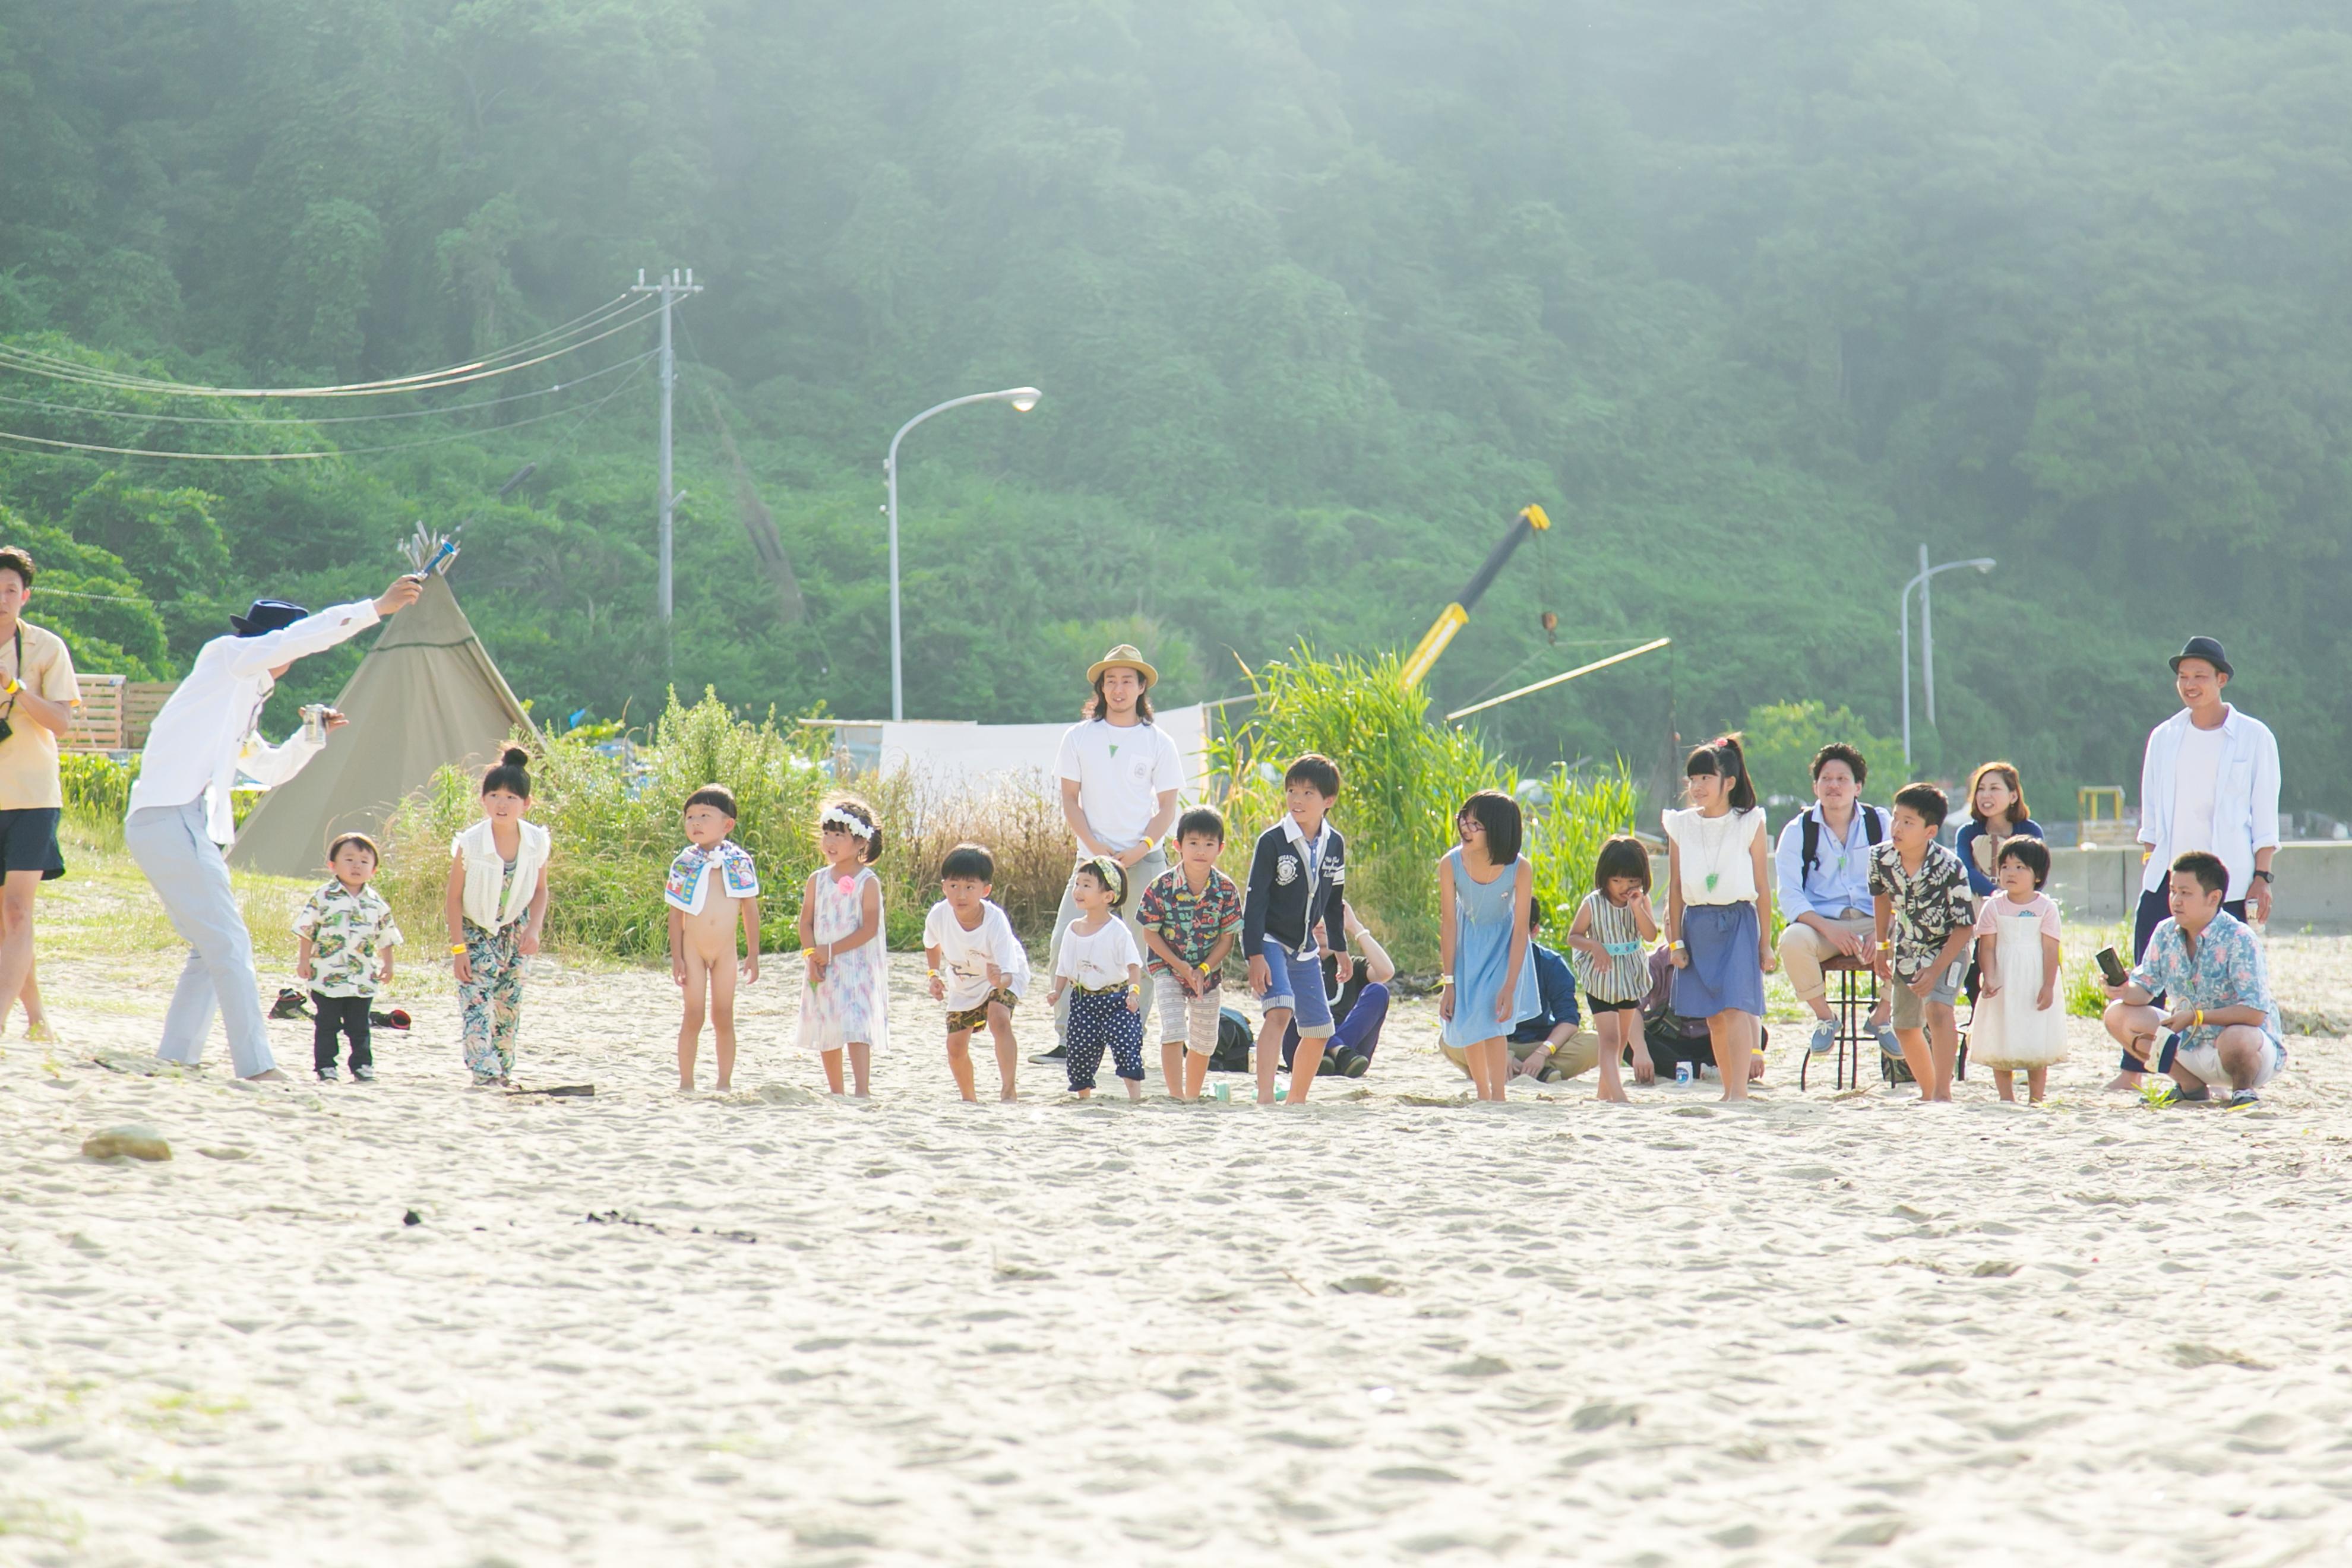 可愛いビーチ結婚式の写真